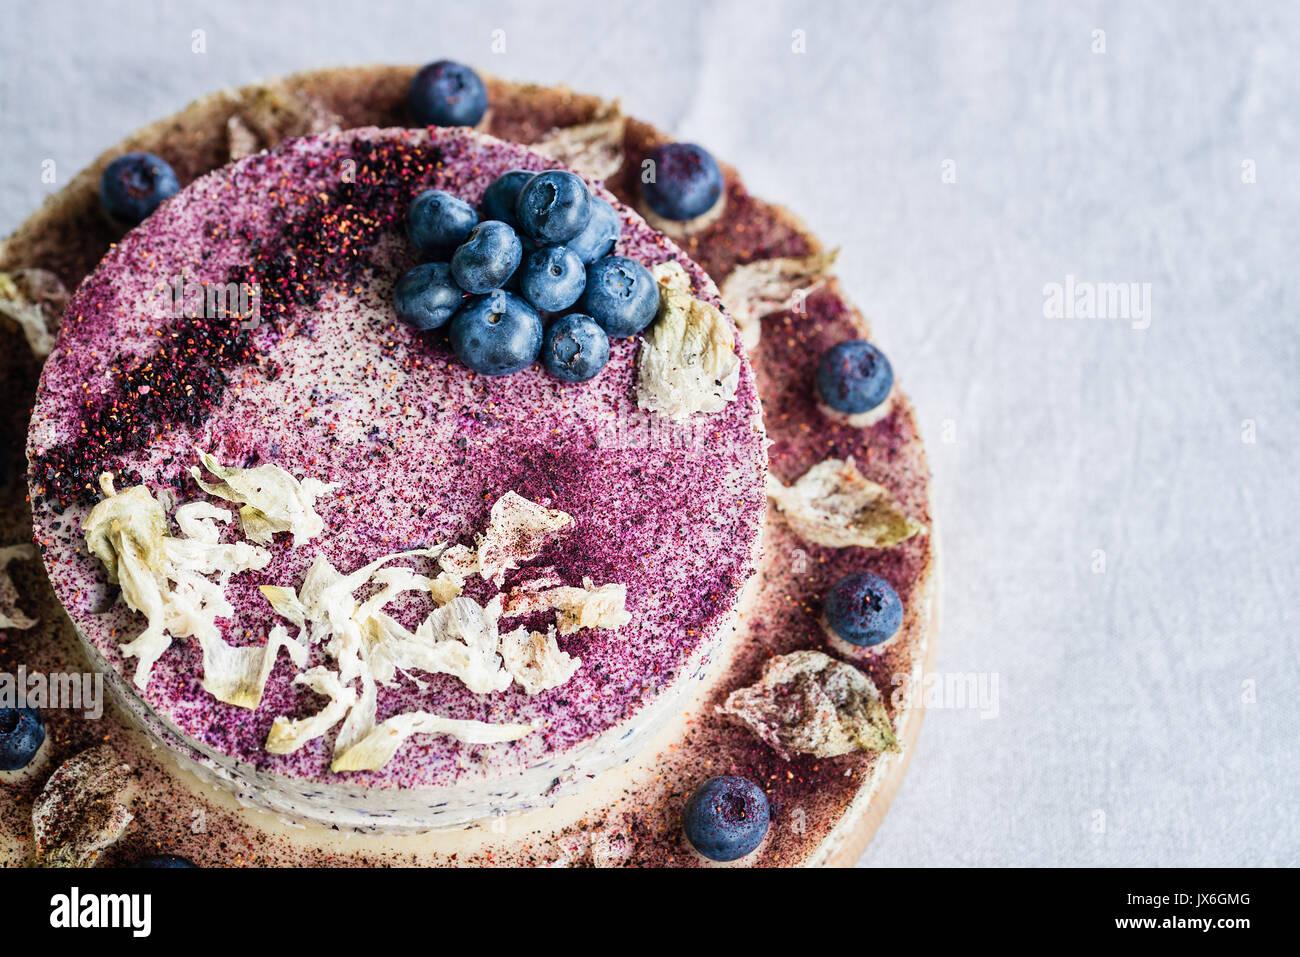 Blueberry cheesecake, des matières premières avec décoration de fleurs séchées et de baies fraîches. Dessert à la main saine. Fond blanc Photo Stock